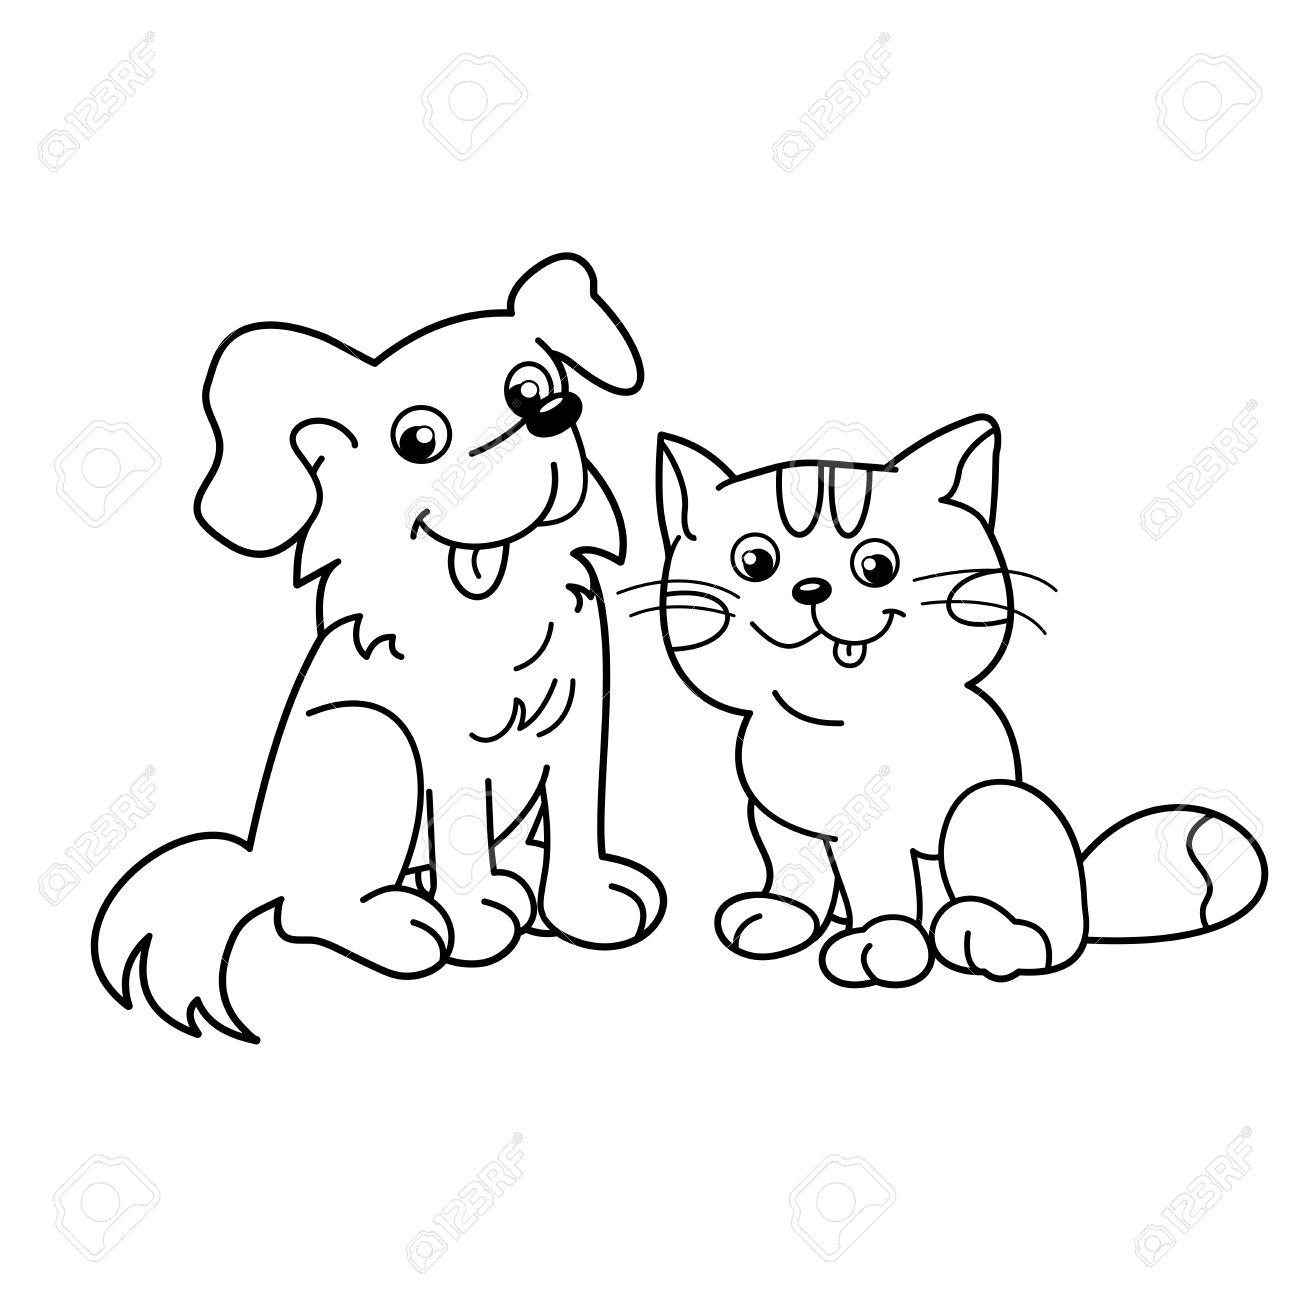 Dog Drawing Cartoon At Getdrawings